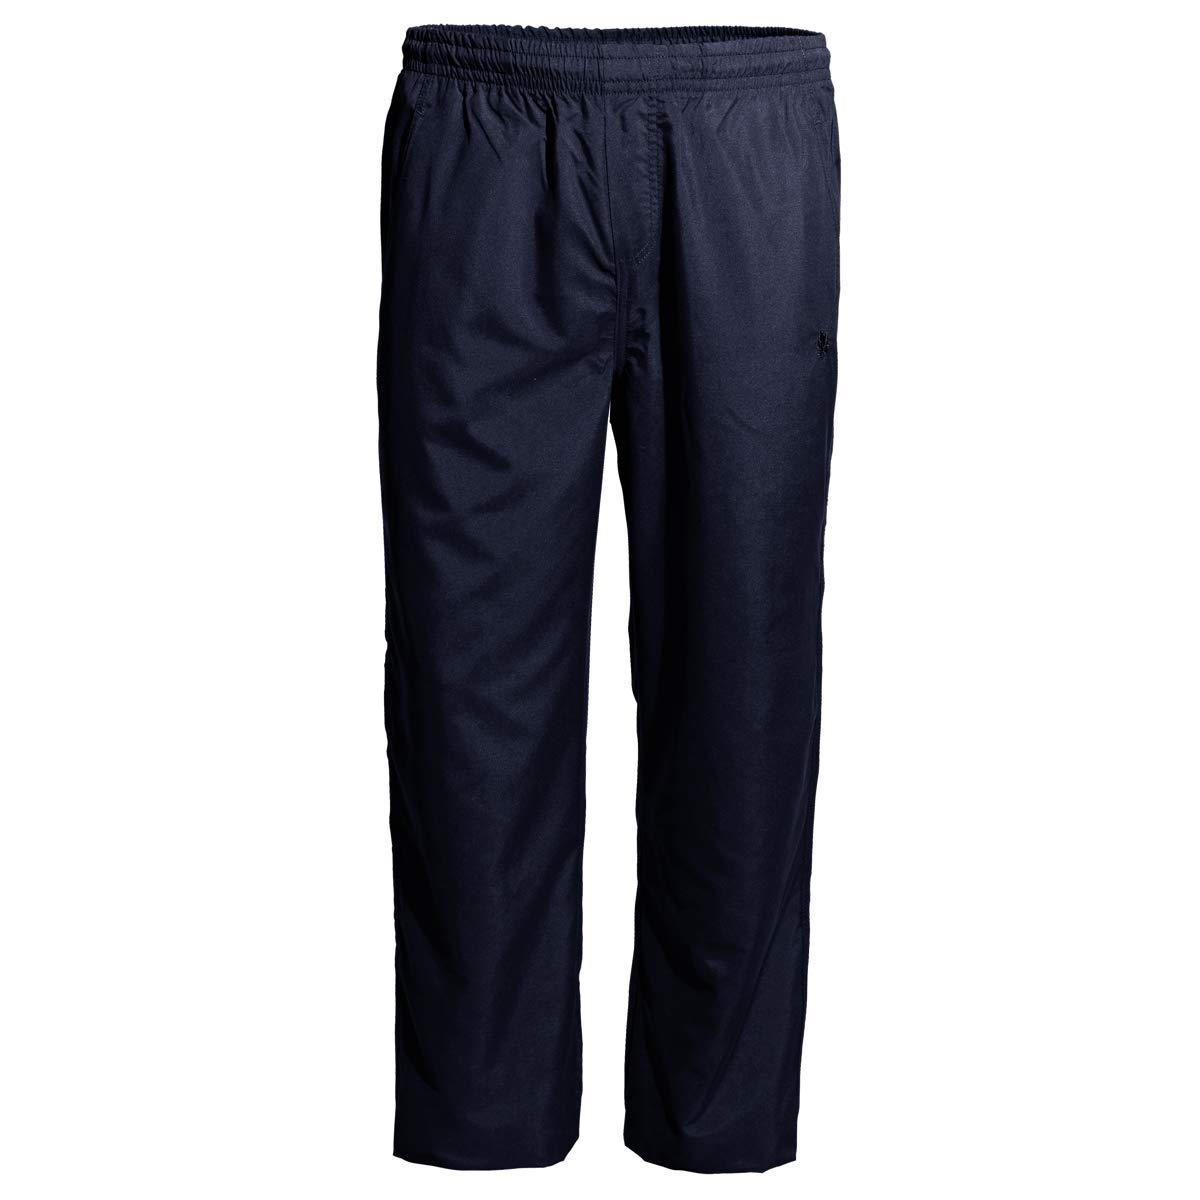 JEANS-Pantaloni con elastico Blu Scuro misure grandi 2xl 3xl 4xl 5xl 6xl 7xl 8xl 10xl